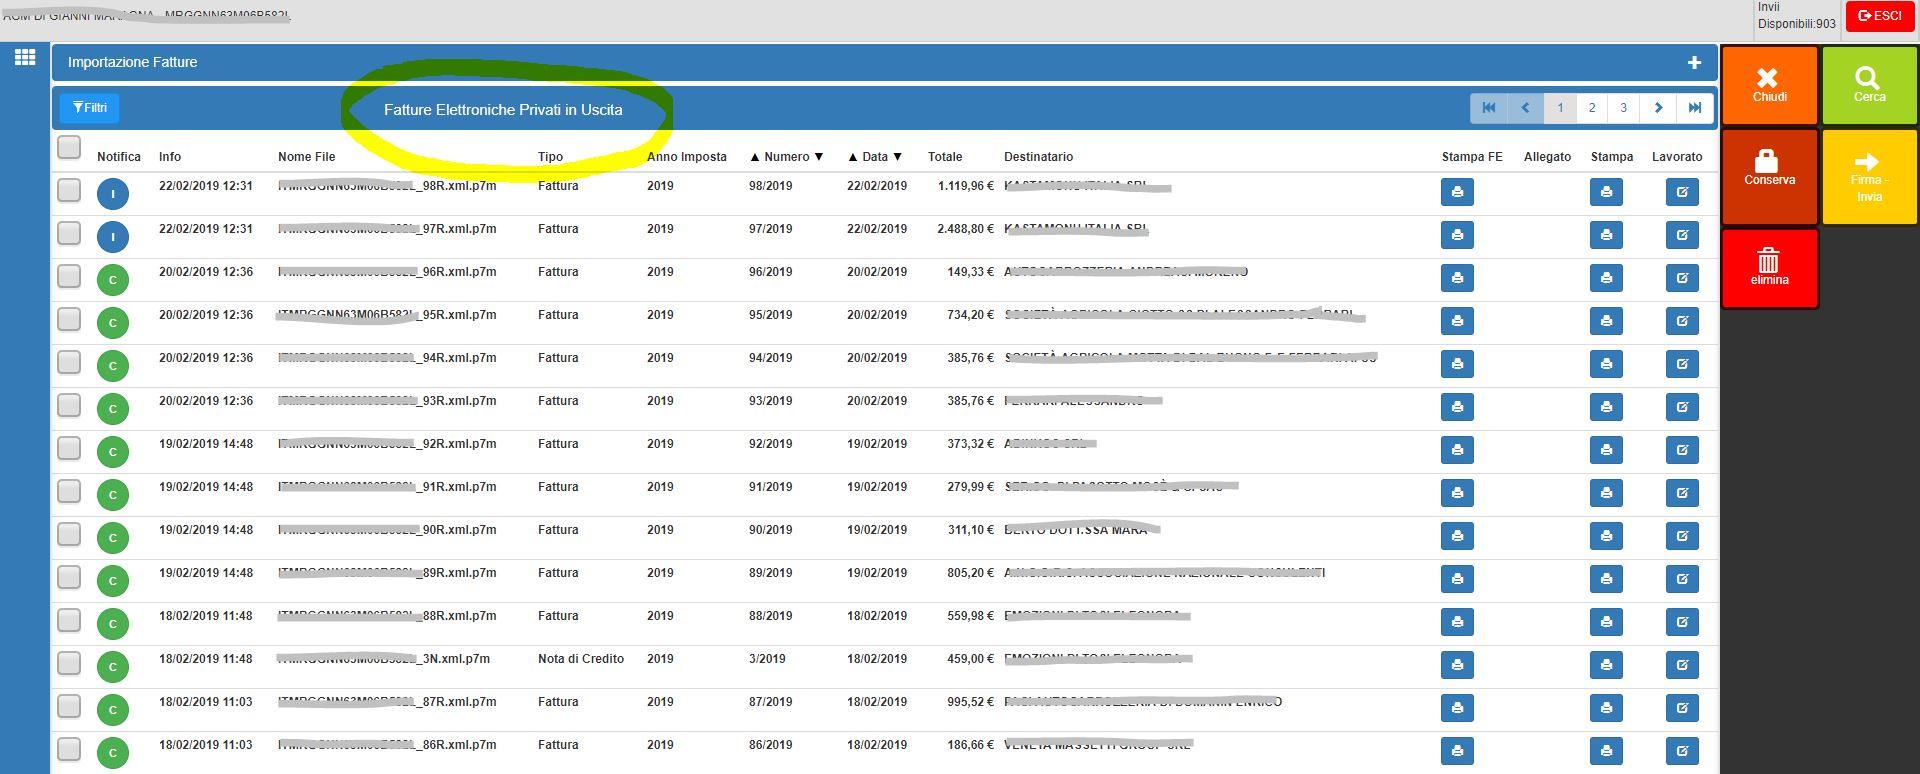 elenco fatture elettroniche inviate verso privati